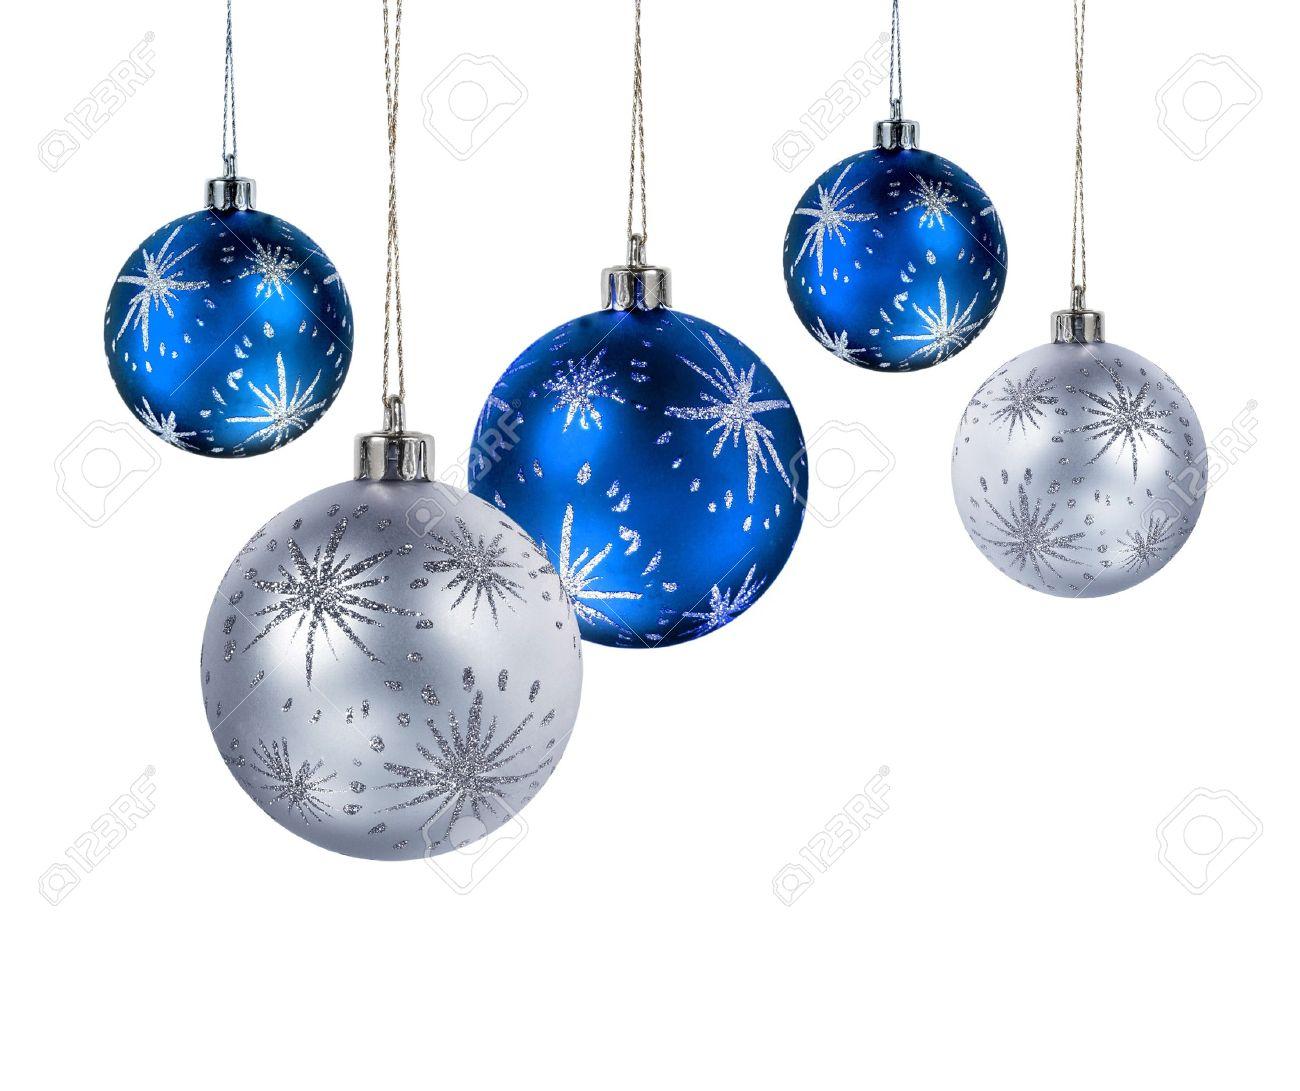 bola navidad navidad azul y plateado bolas colgantes aislados sobre fondo blanco foto de archivo